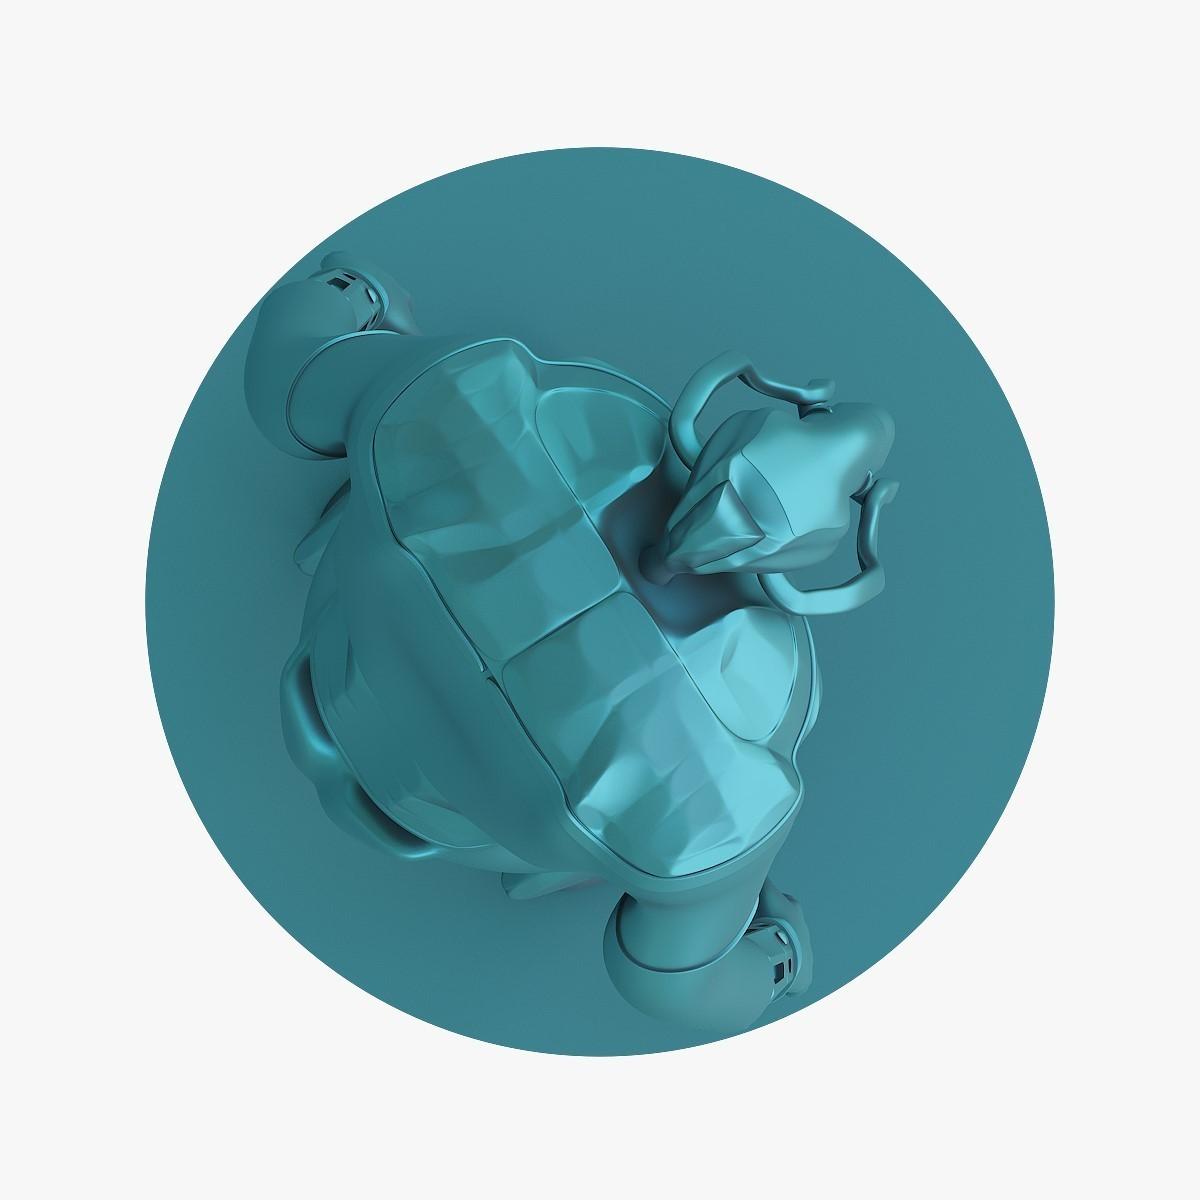 Mutant_jpg_06.jpg Download STL file Mutant miniature • Object to 3D print, VALIKSTUDIO